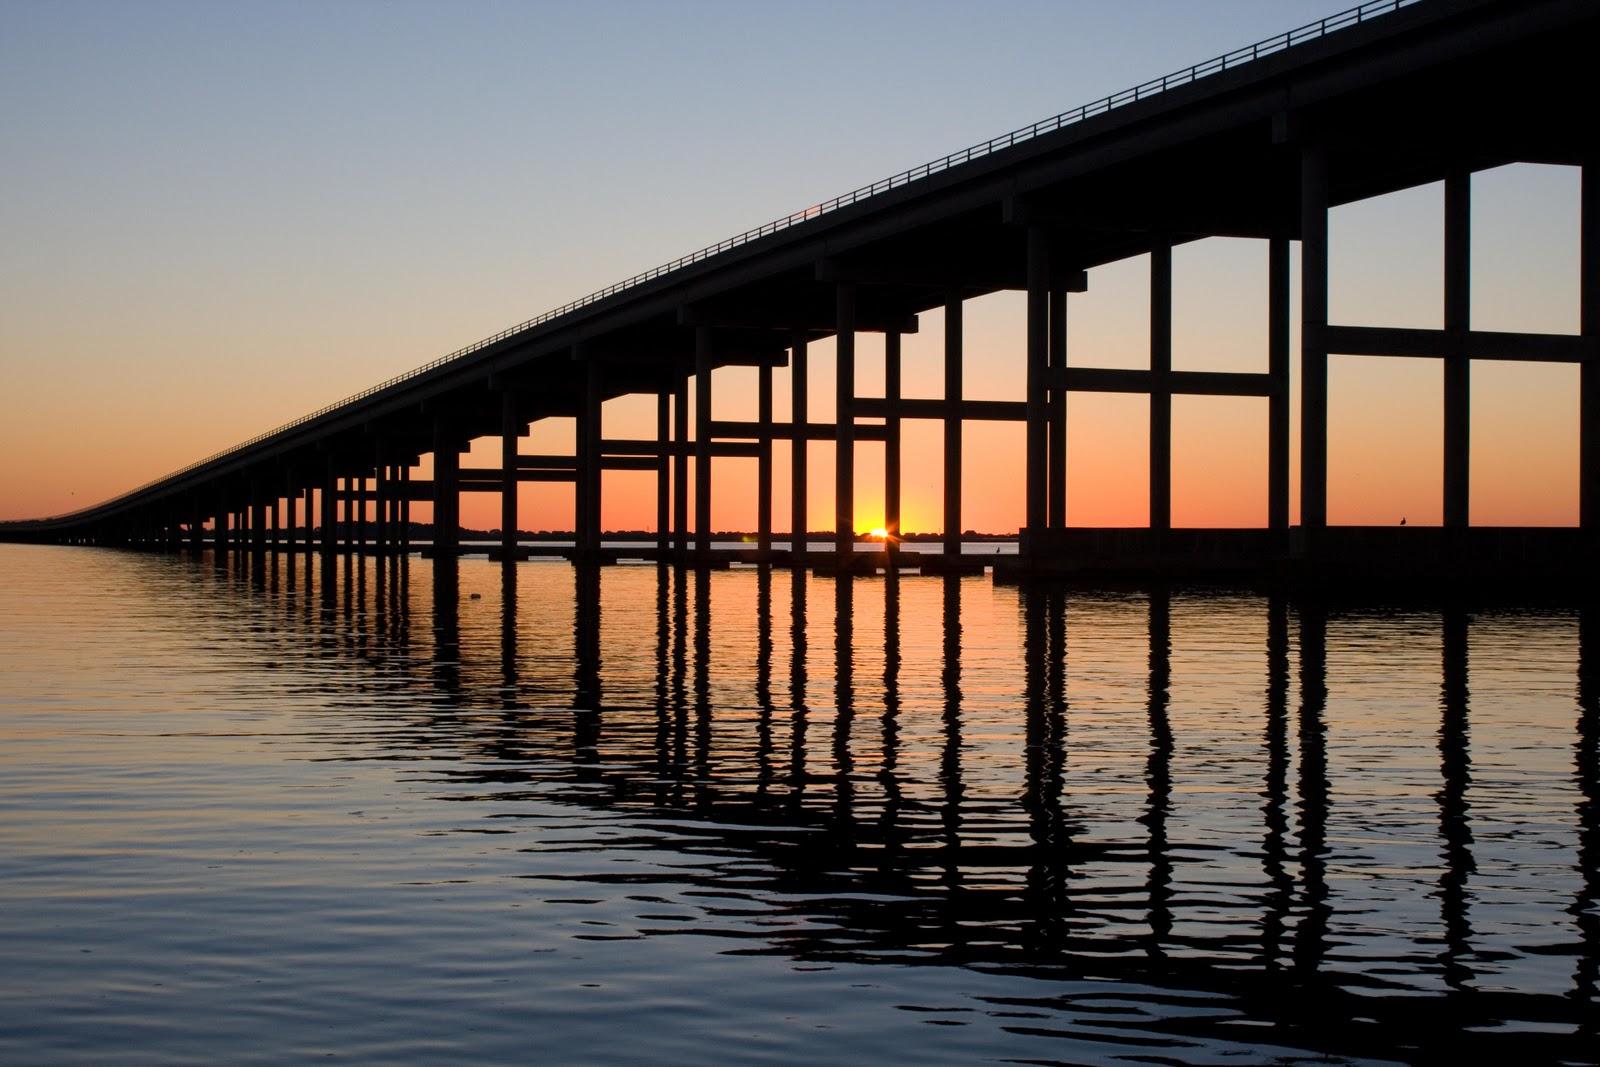 http://1.bp.blogspot.com/_JF7tjRSCGzM/TMS6nuhKFDI/AAAAAAAABAo/-3DGOTyaaFk/s1600/10+23+10+causeway+sunrise.jpg